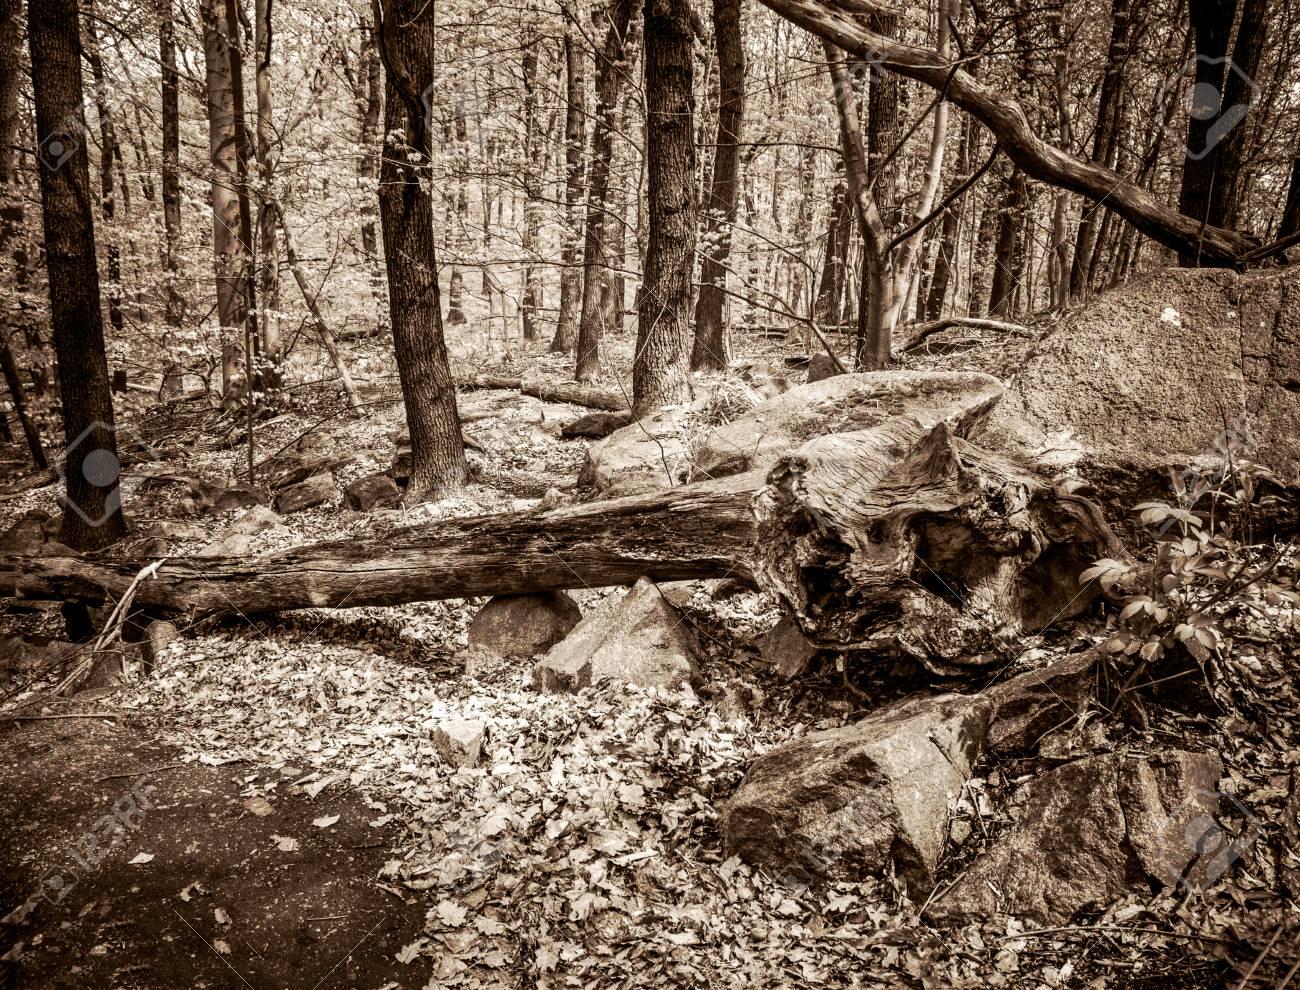 Entwurzelte Bäume Fallen Baum Im Wald Vintage Style Getönten Bild